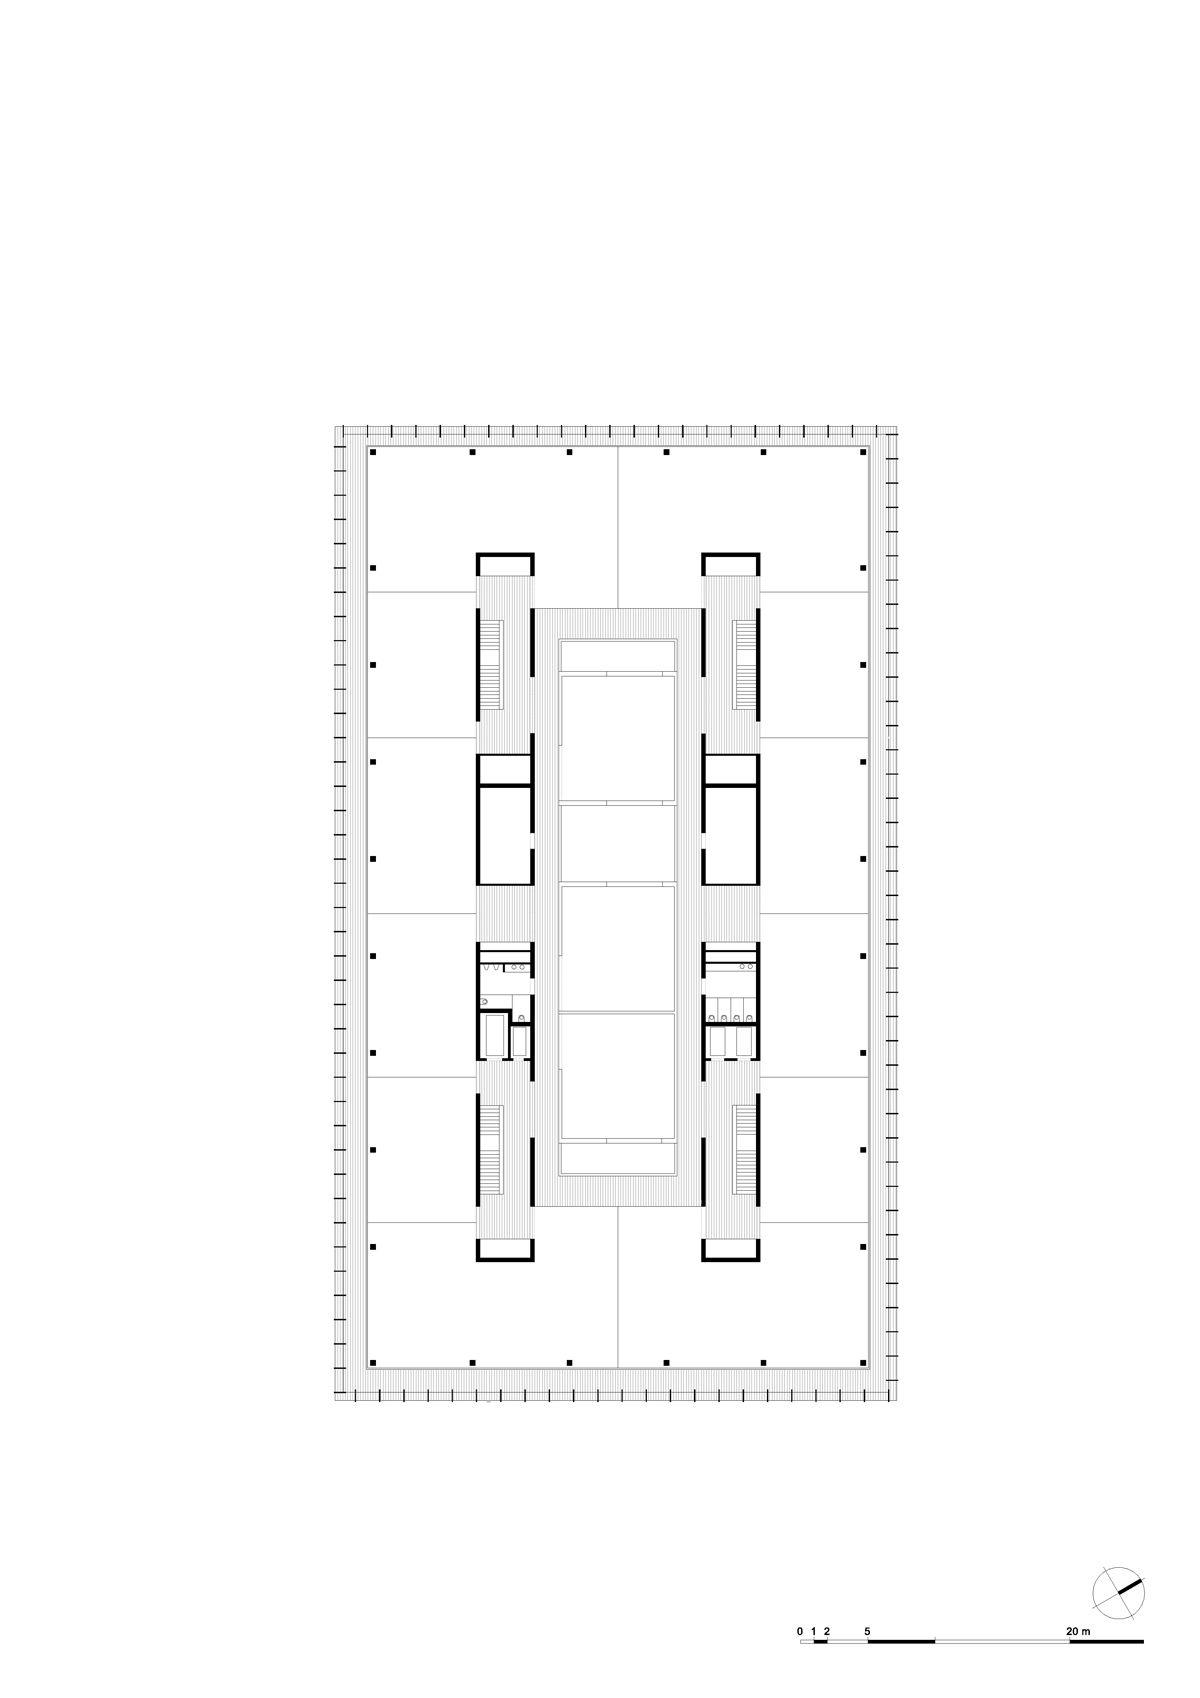 Baumschlager eberle architekten > ETH HIT e-science Lab